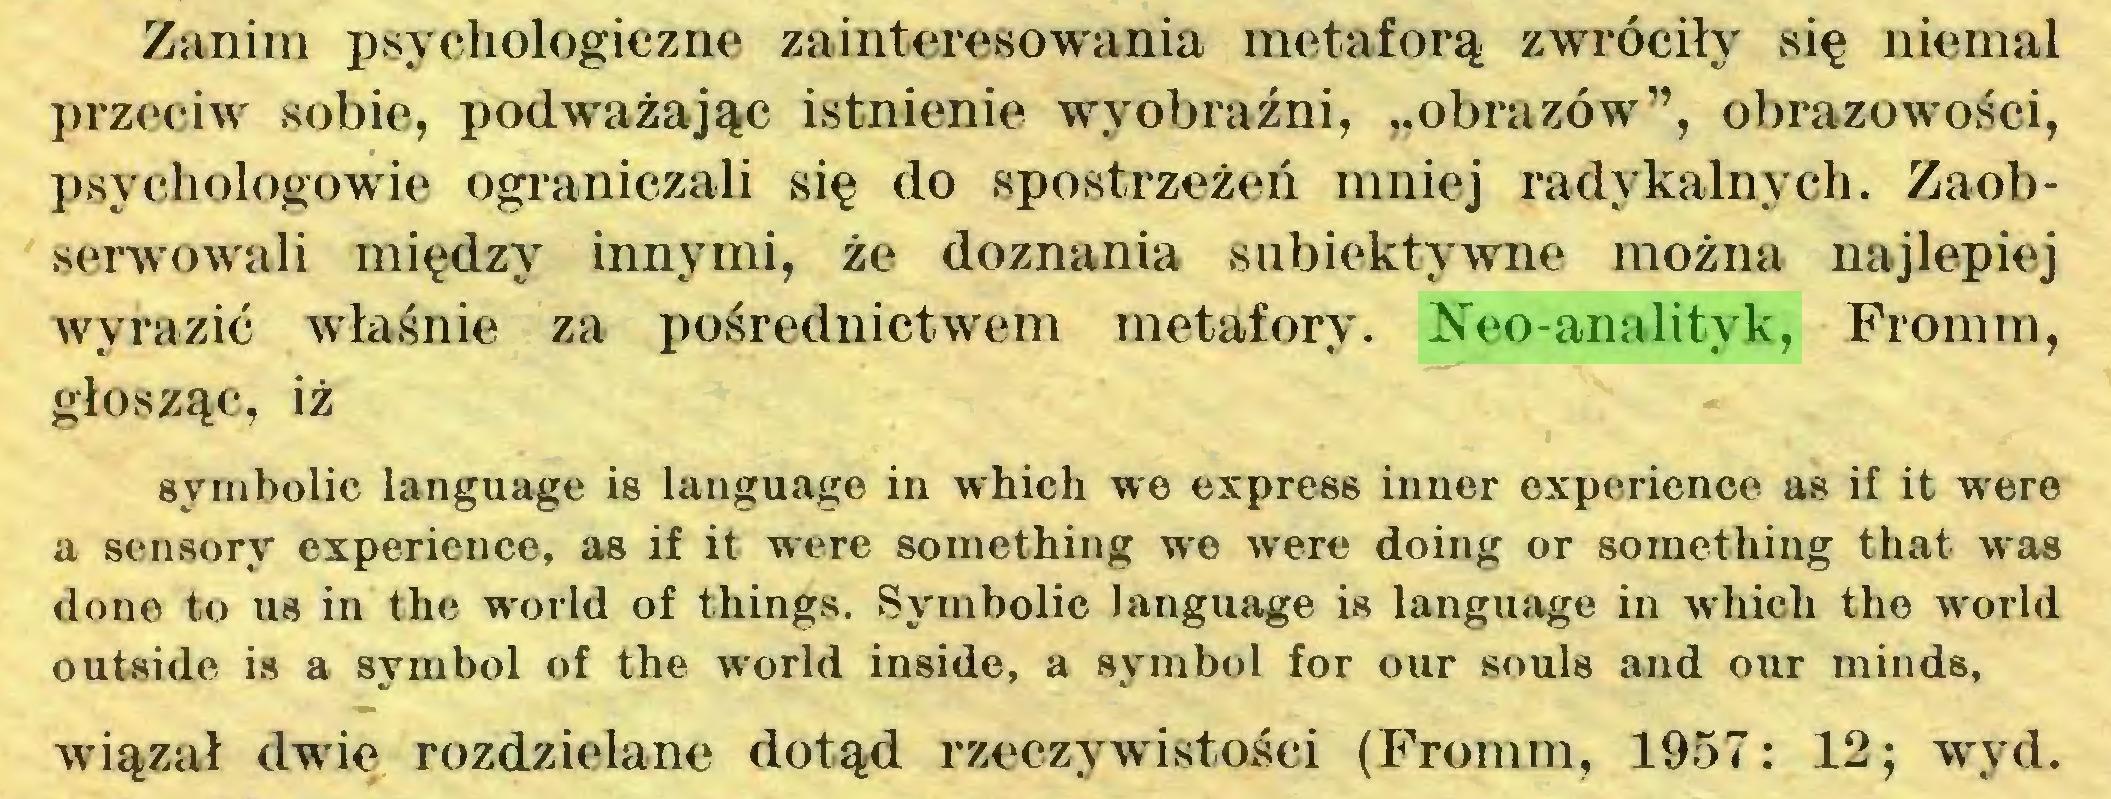 """(...) Zanim psychologiczne zainteresowania metaforą zwróciły się niemal przeciw sobie, podważając istnienie wyobraźni, """"obrazów"""", obrazowości, psychologowie ograniczali się do spostrzeżeń mniej radykalnych. Zaobserwowali między innymi, że doznania subiektywne można najlepiej wyrazić właśnie za pośrednictwem metafory. Neo-analityk, Fromm, głosząc, iż symbolic language is language in which we express inner experience as if it were a sensory experience, as if it were something we were doing or something that was done to us in the world of things. Symbolic language is language in which the world outside is a symbol of the world inside, a symbol for our souls and our minds, wiązał dwie rozdzielane dotąd rzeczywistości (Fromm, 1957: 12; wyd..."""